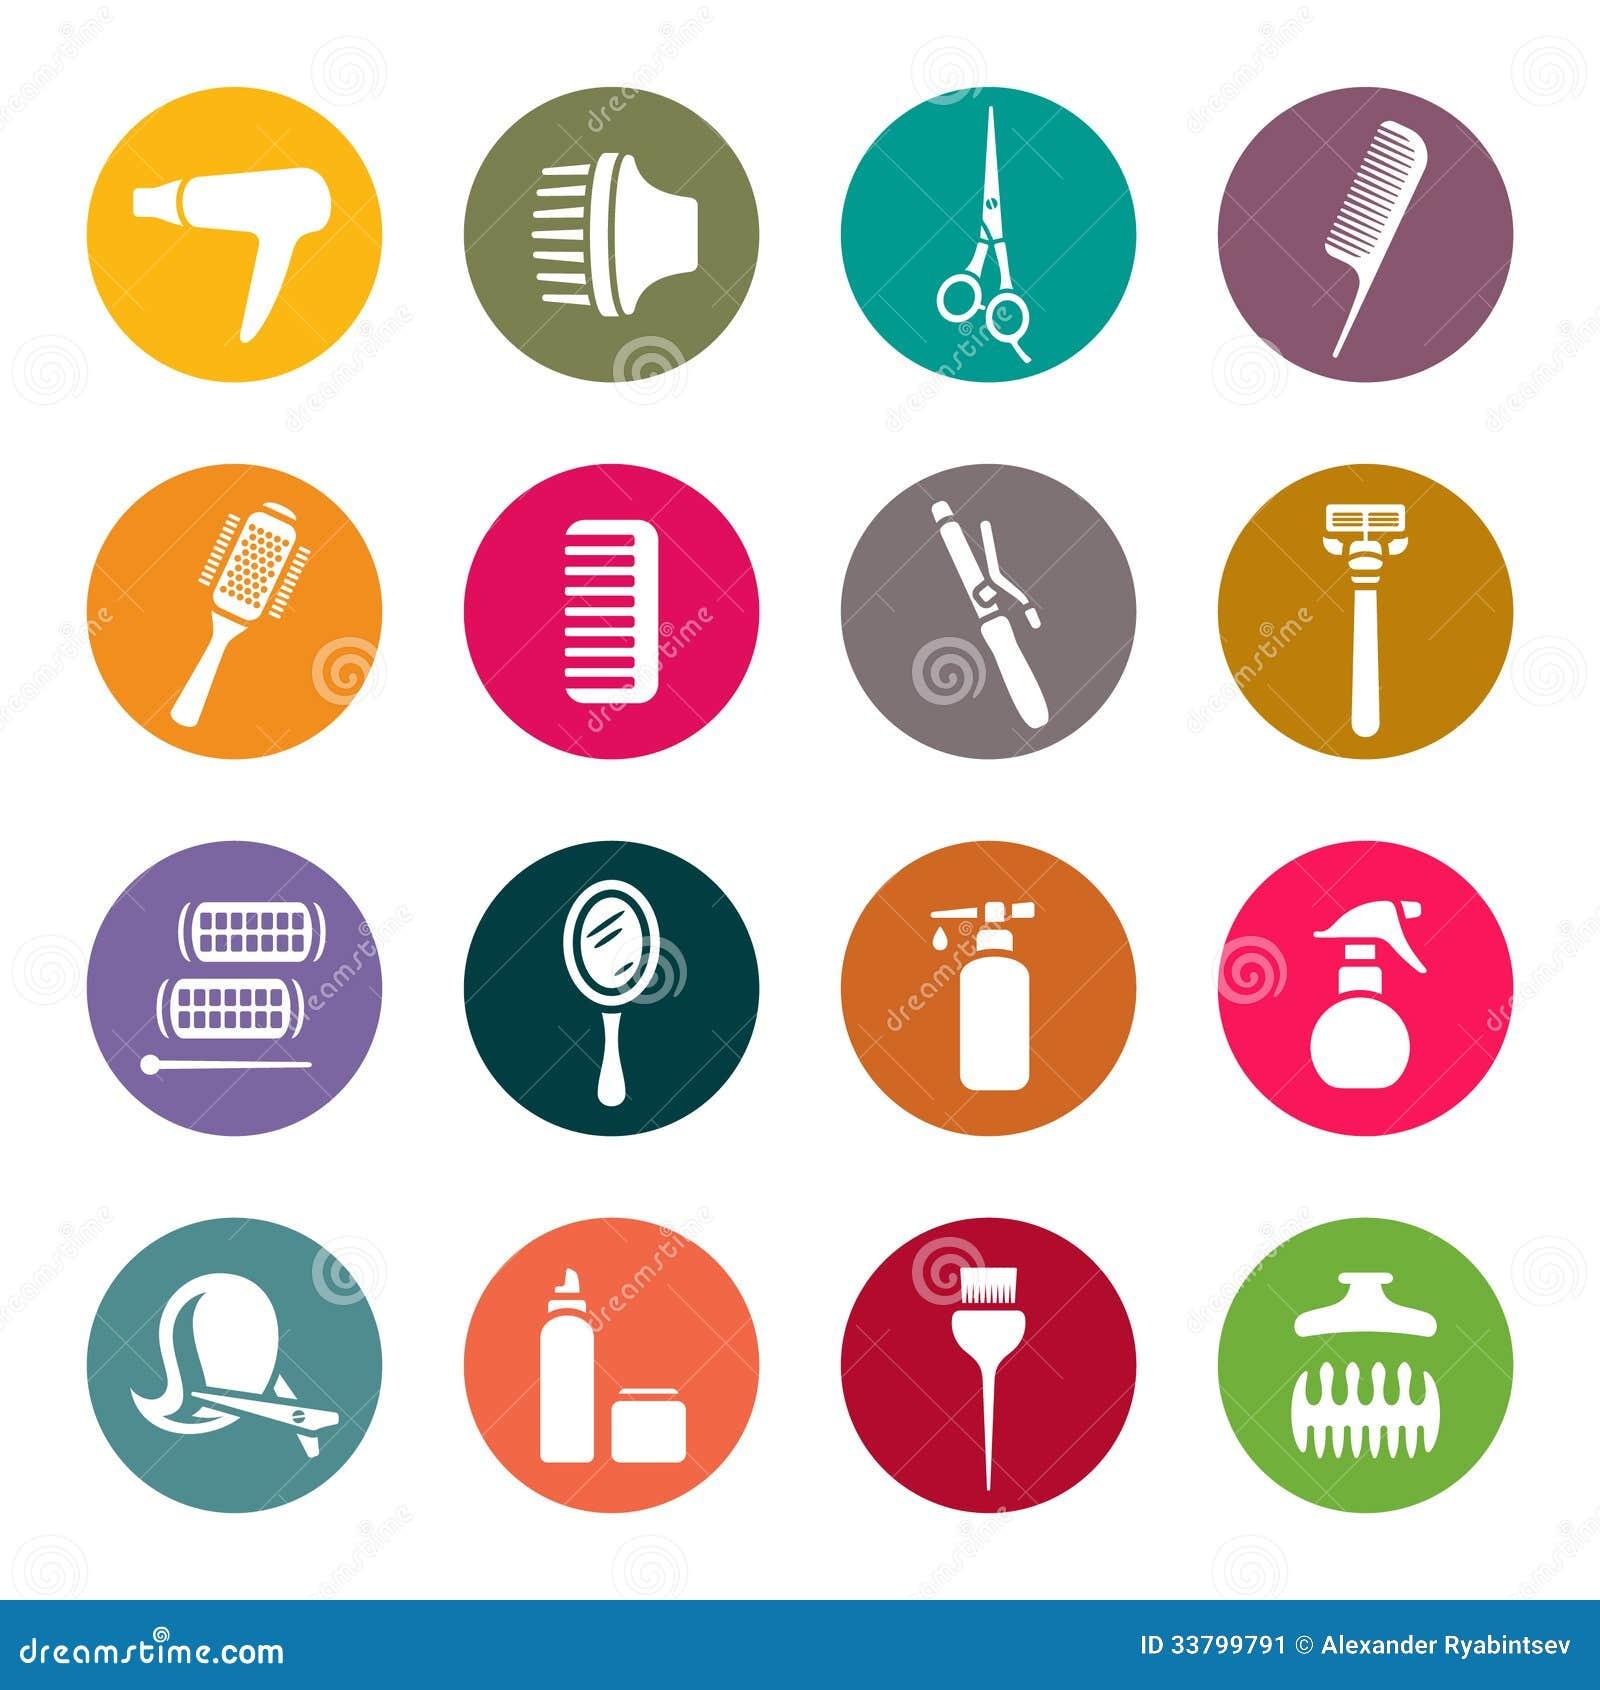 Accessoires pour des ic nes de salon de coiffure image for Accessoire pour salon de coiffure